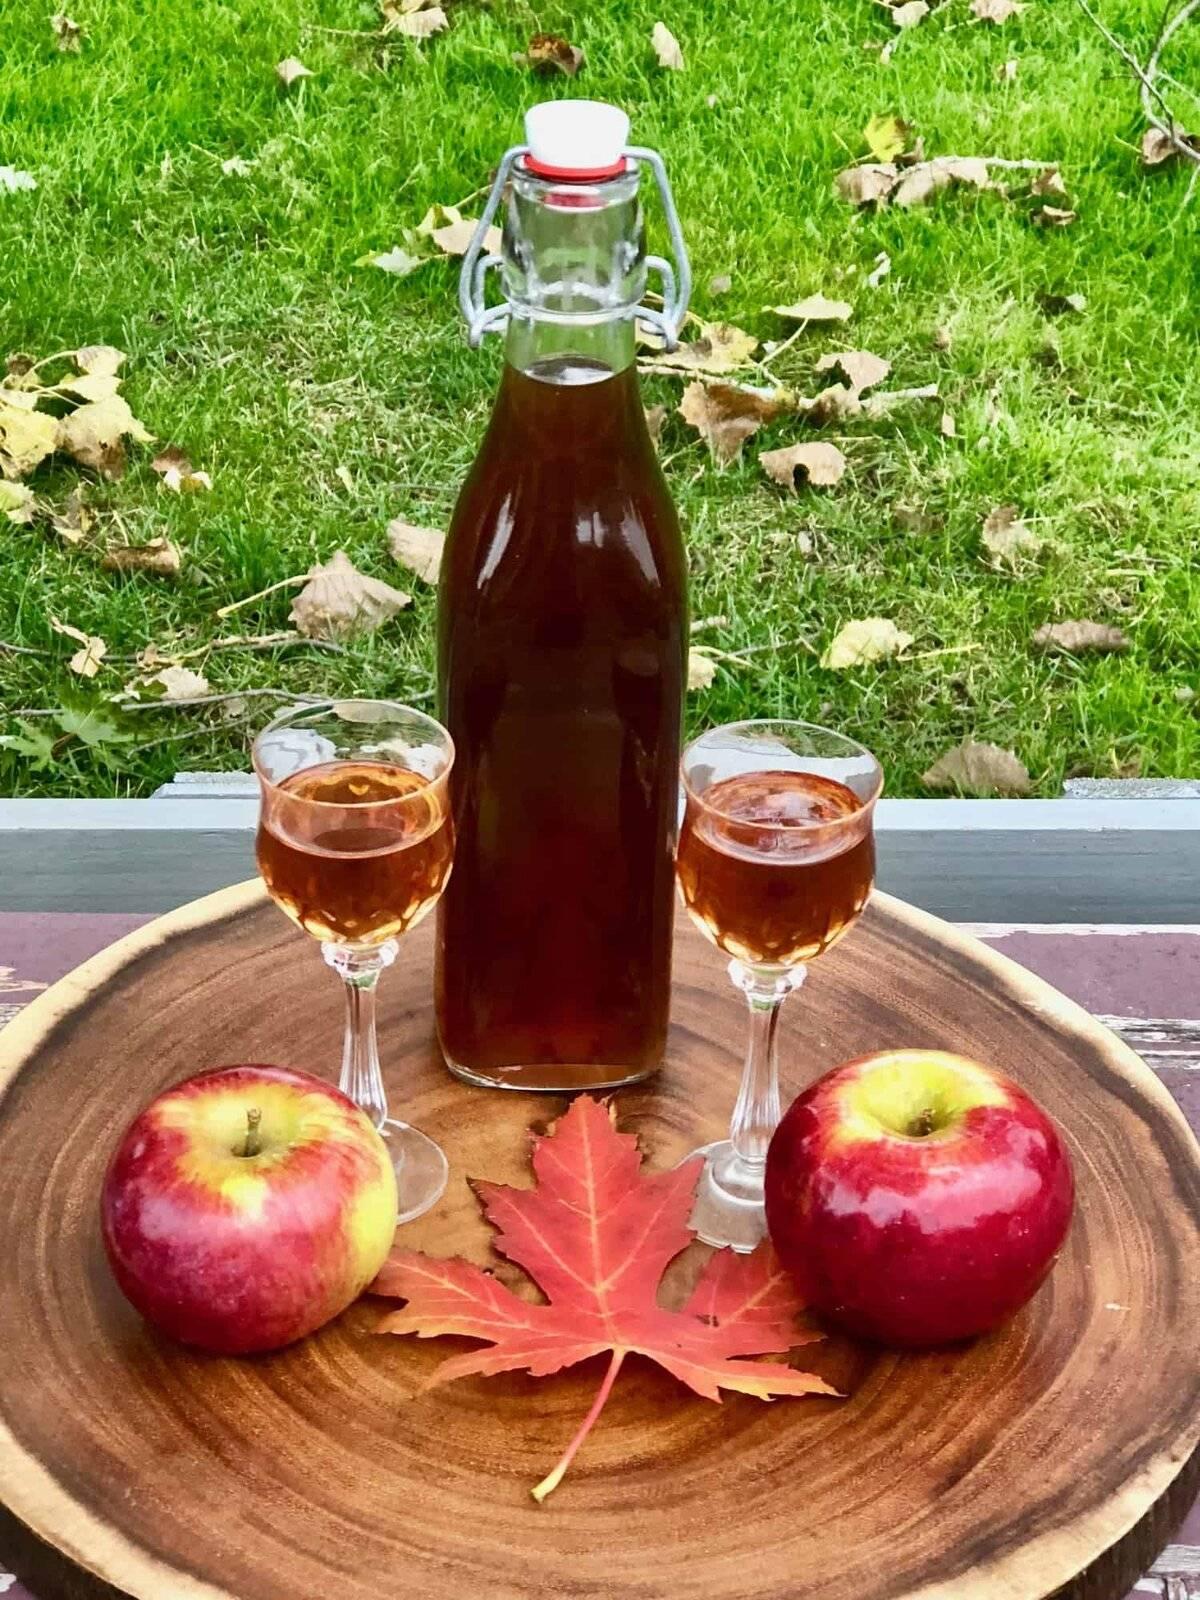 Вкусная и полезная домашняя яблочная настойка: свойства, технология приготовления, рецепты | про самогон и другие напитки ? | яндекс дзен